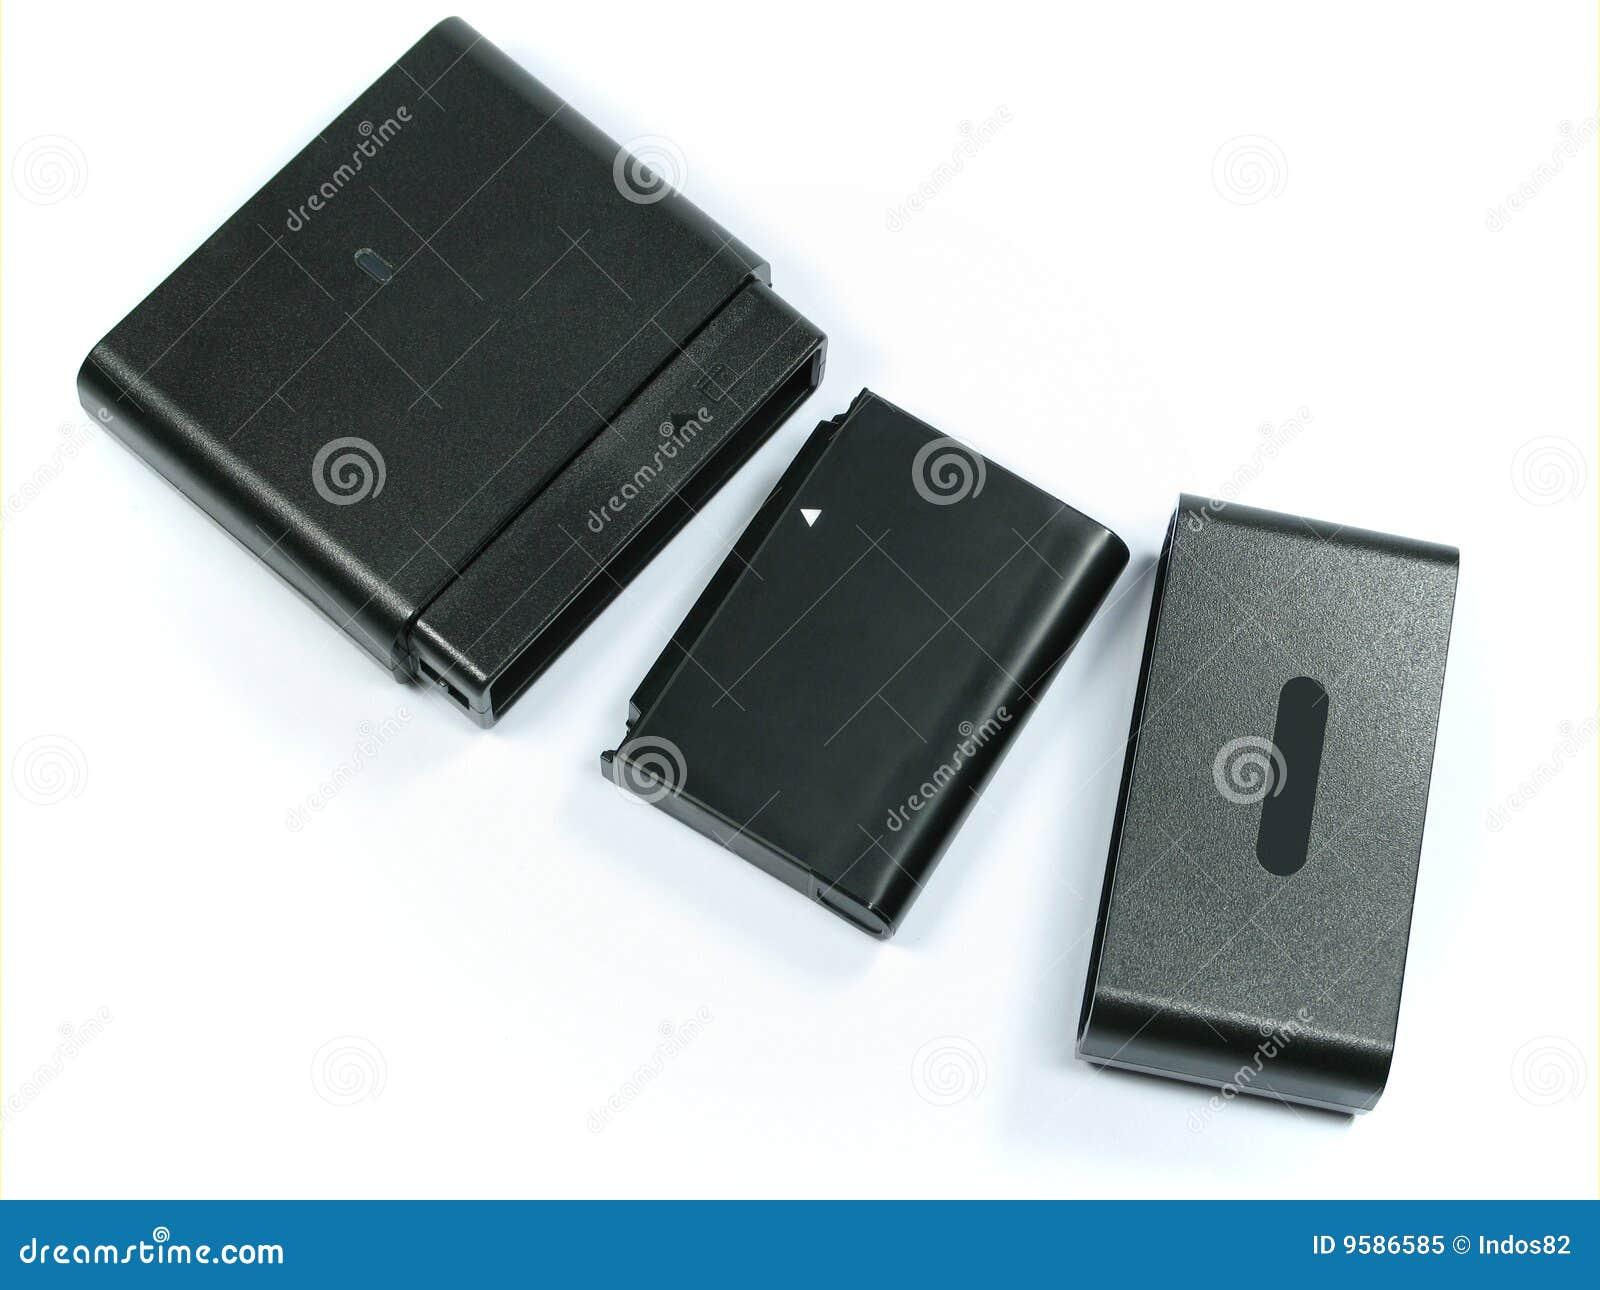 Mobil telefonbatteriuppladdare